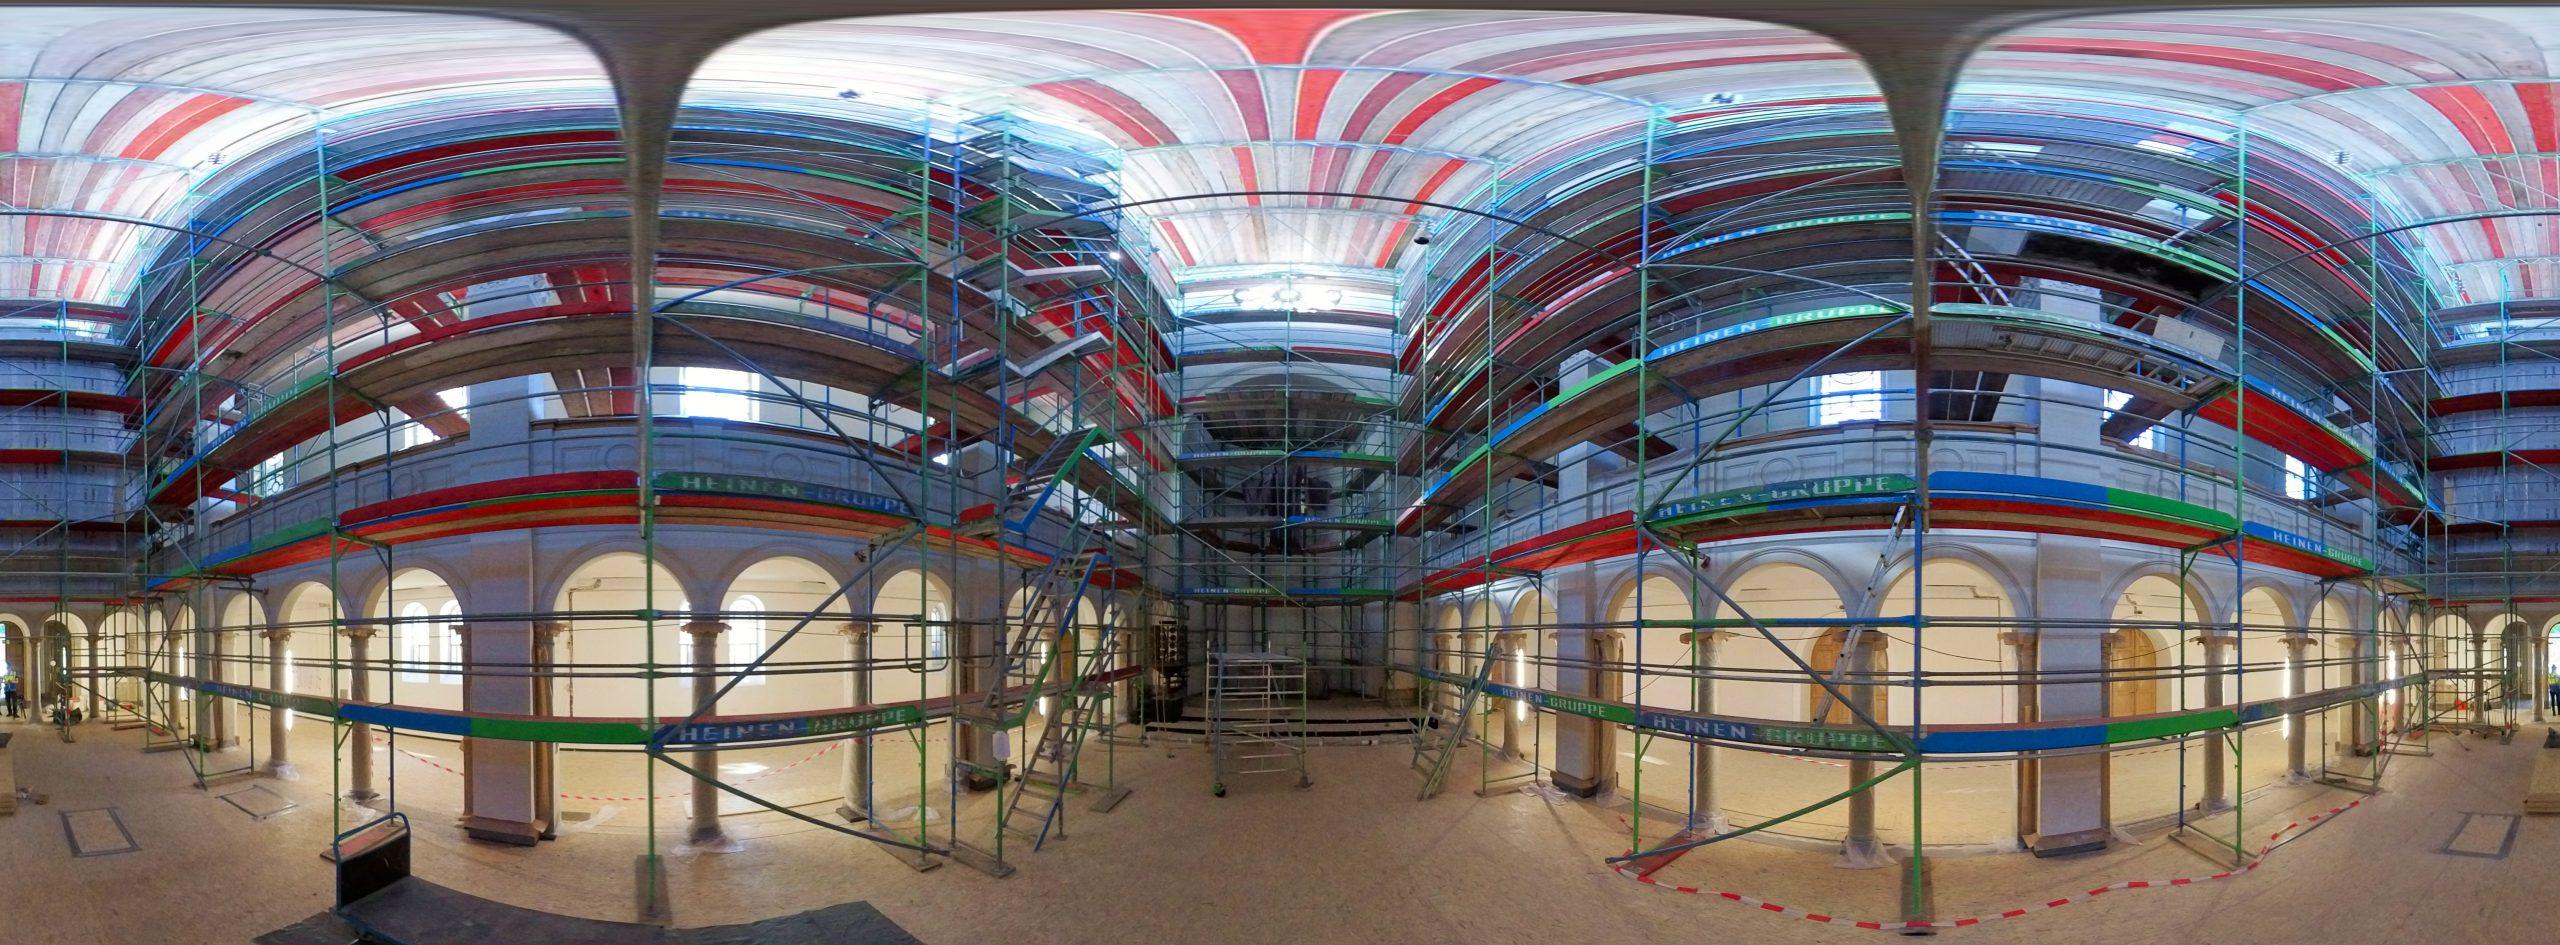 360 grad Bild von Raumgerüst bei der Sanierung der denkmalgeschutzten Trinitatskirche in Köln